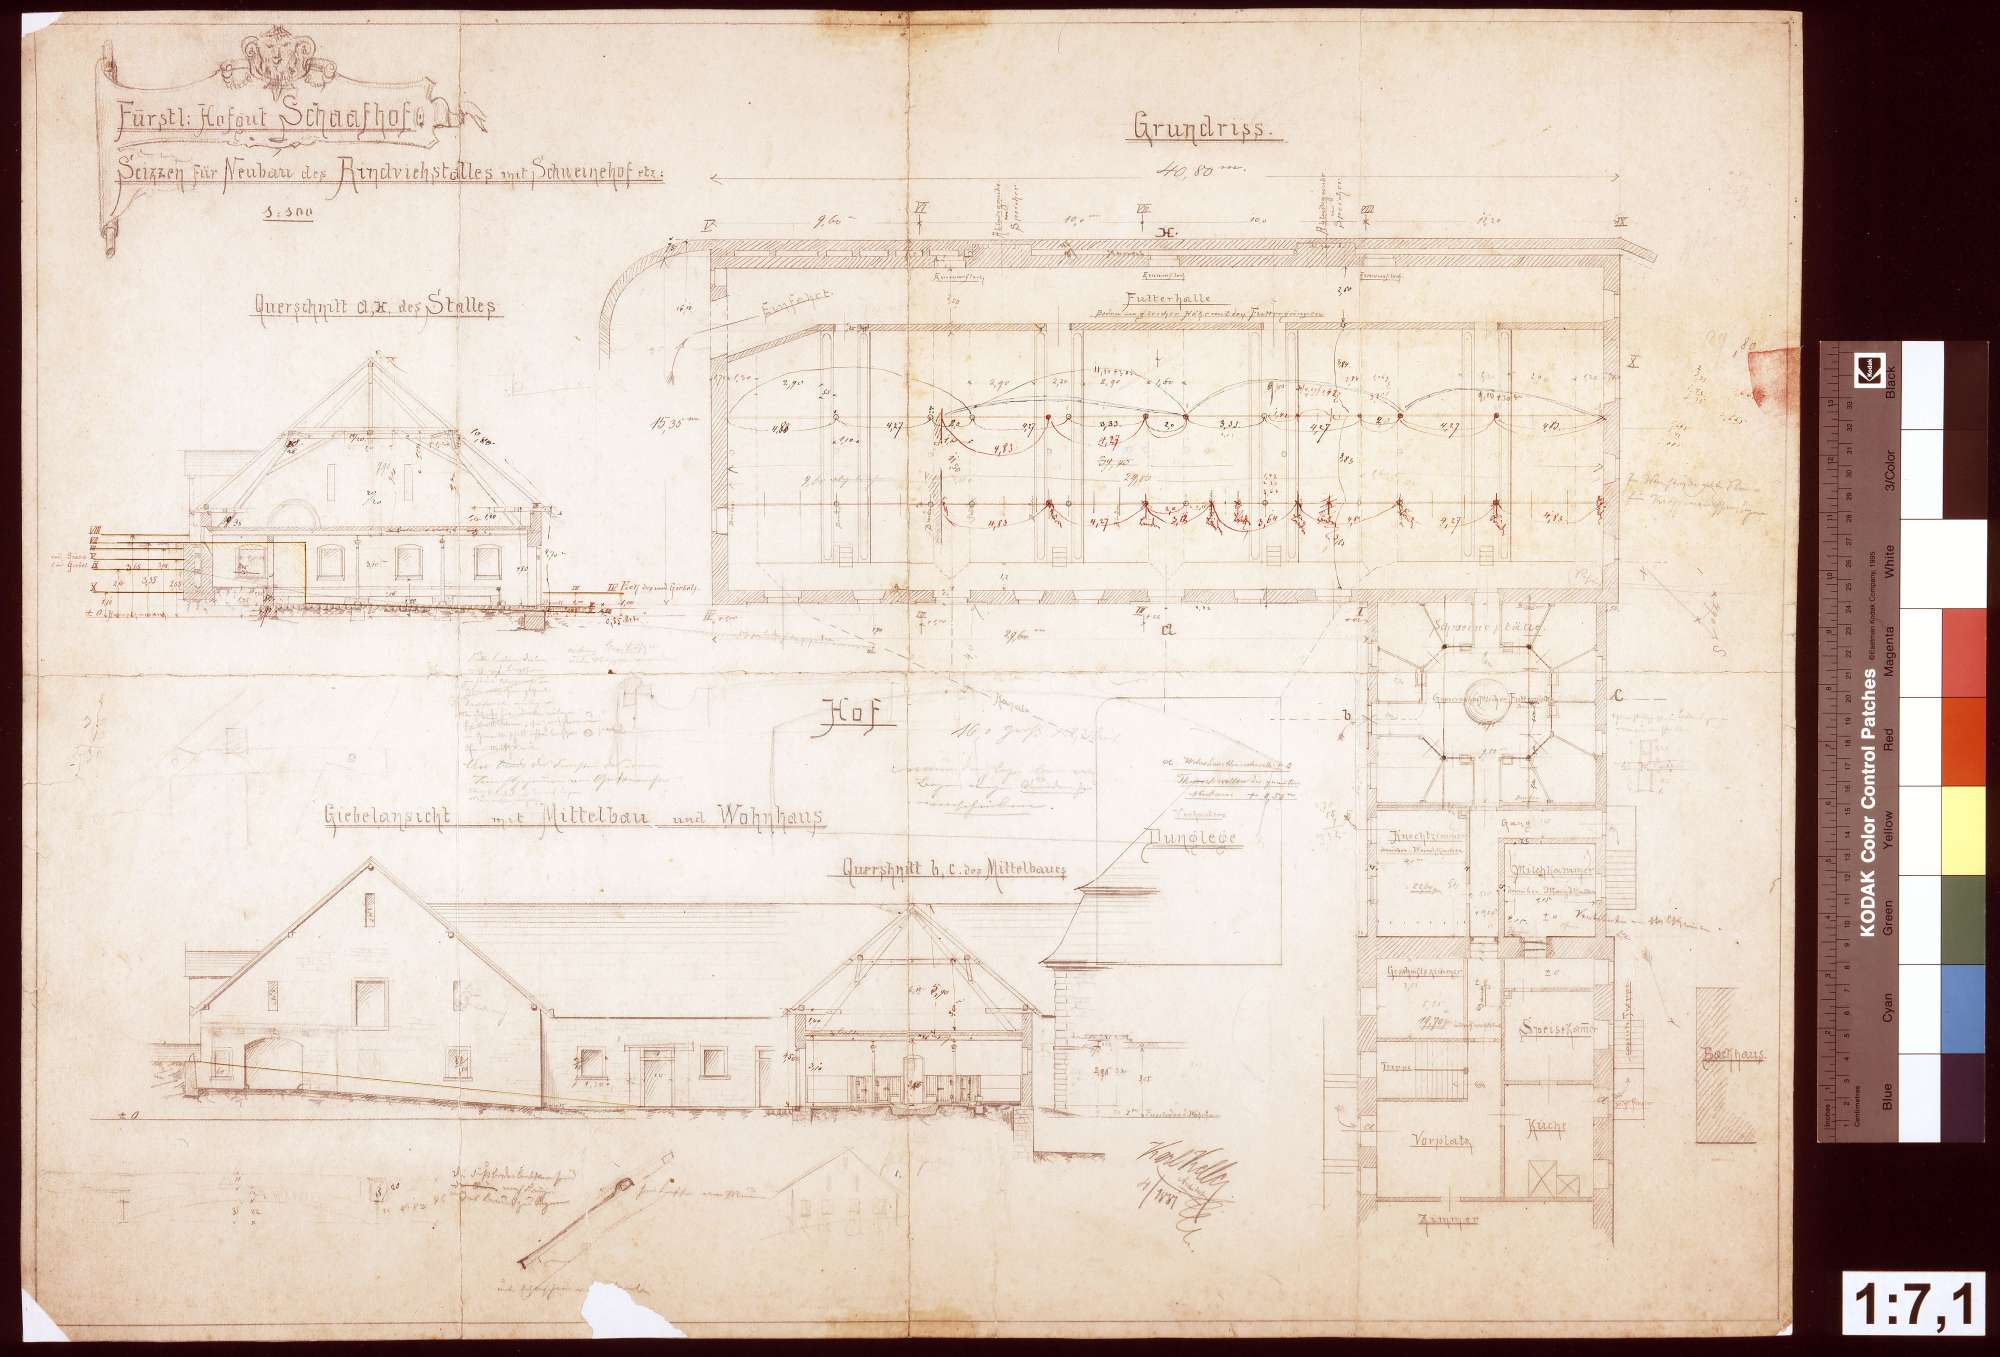 Schafhof: Skizzen für den Neubau eines Rinder- und Schweinestalles, Bild 1